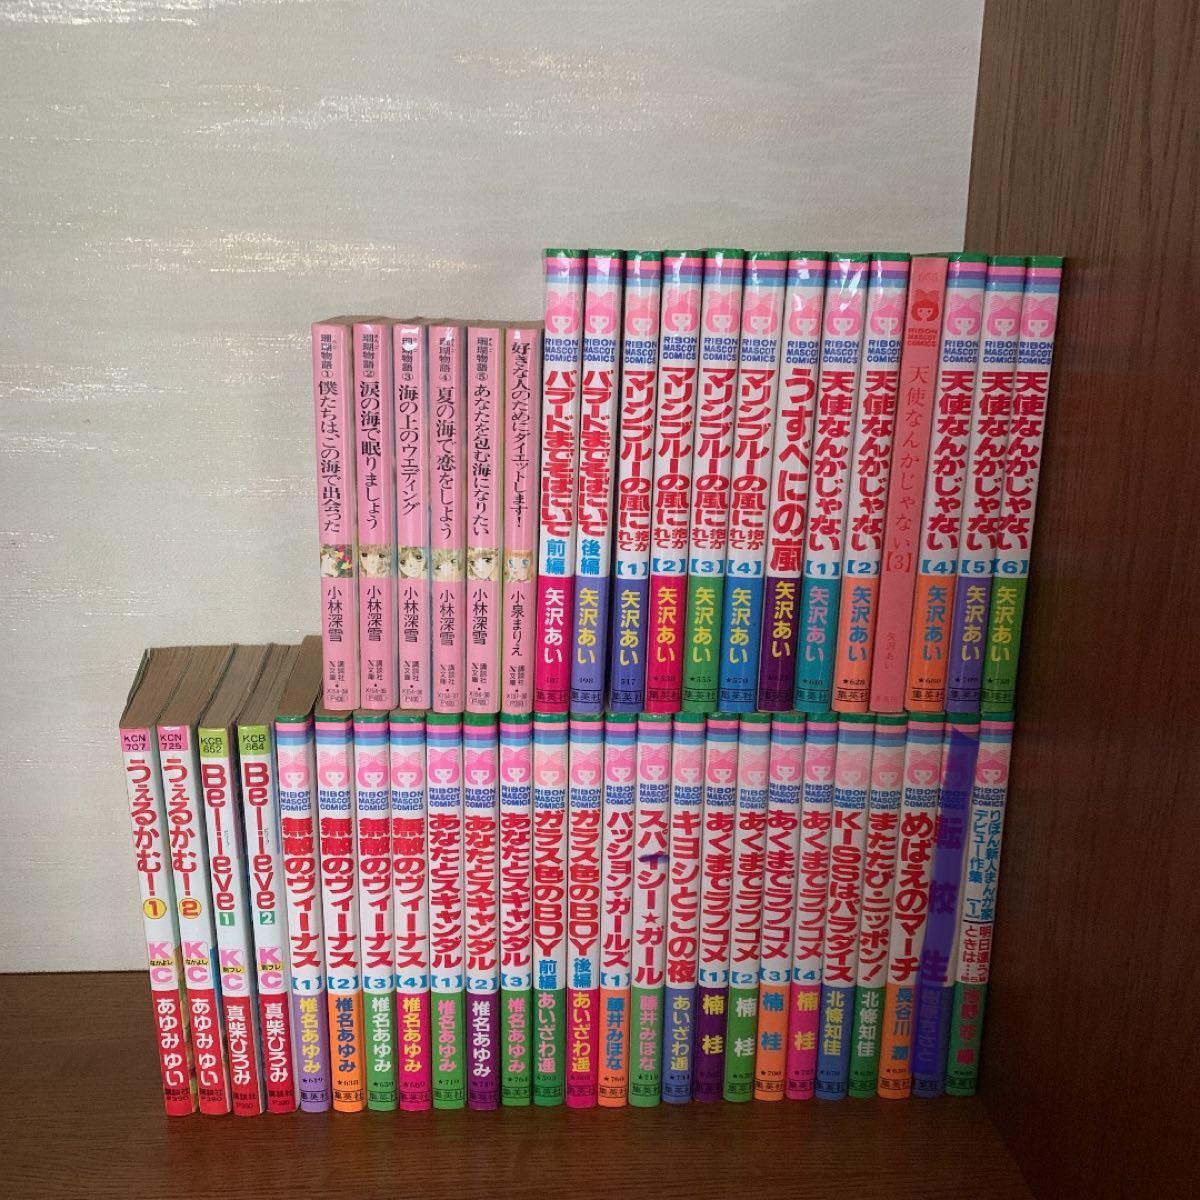 少女漫画 小説含 43冊 まとめ売り 矢沢あい 小林深雪 椎名あゆみ あゆみゆい 天使なんかじゃない うすべにの嵐